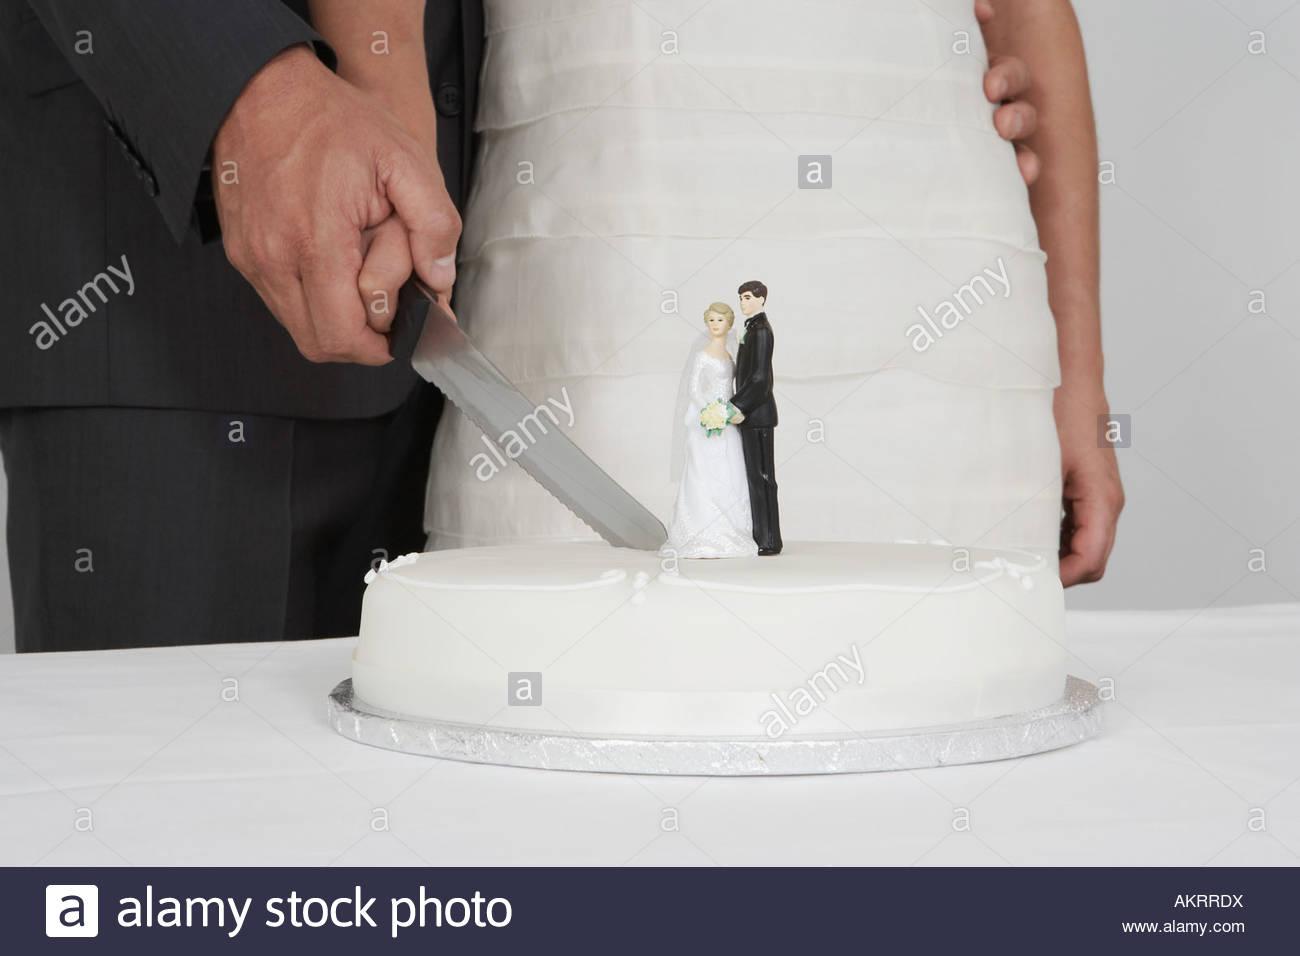 Newlyweds cutting the wedding cake - Stock Image